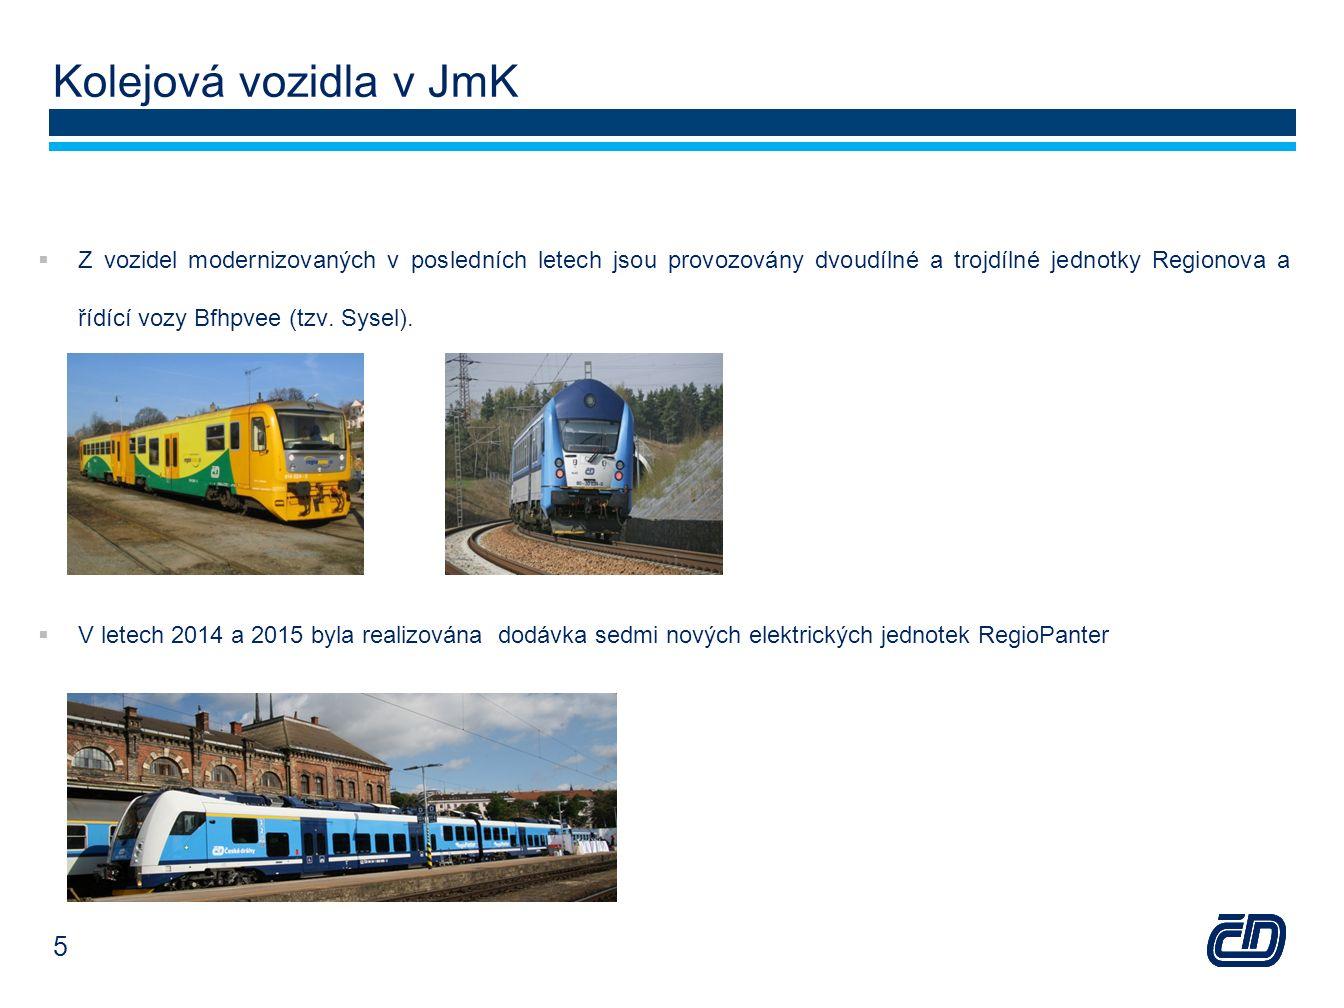 Kolejová vozidla v JmK  Z vozidel modernizovaných v posledních letech jsou provozovány dvoudílné a trojdílné jednotky Regionova a řídící vozy Bfhpvee